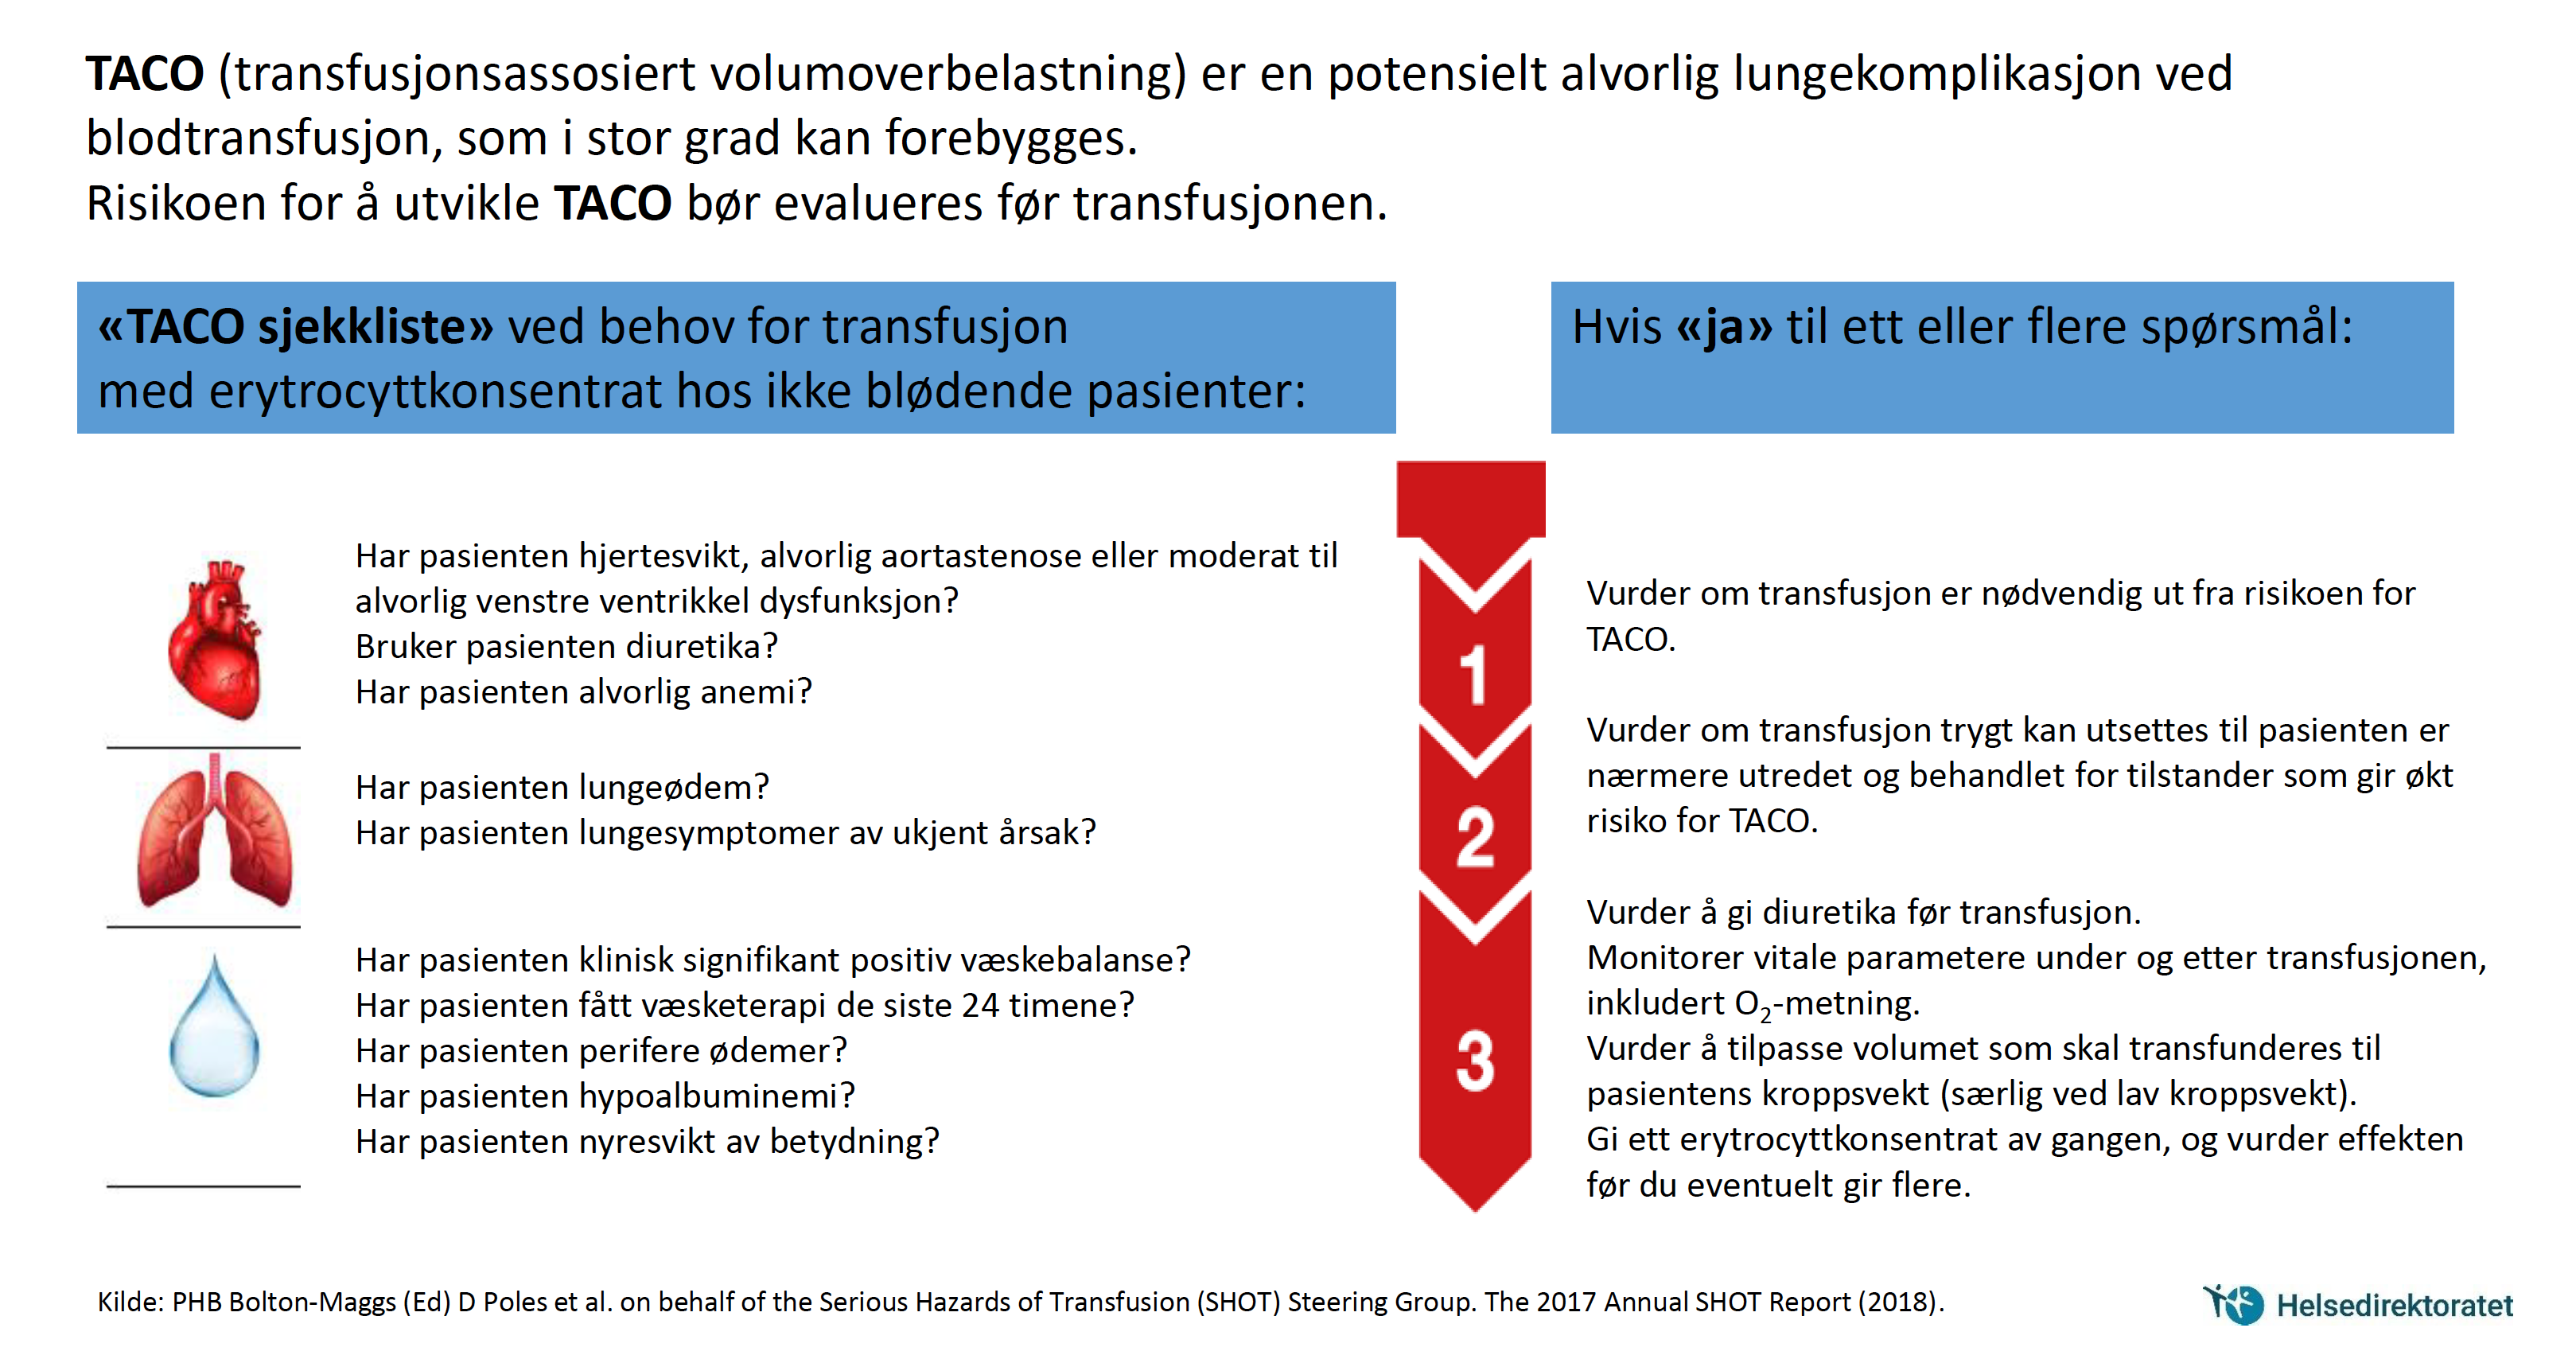 TACO sjekkliste fra Helsedirektoratet, Cingulum